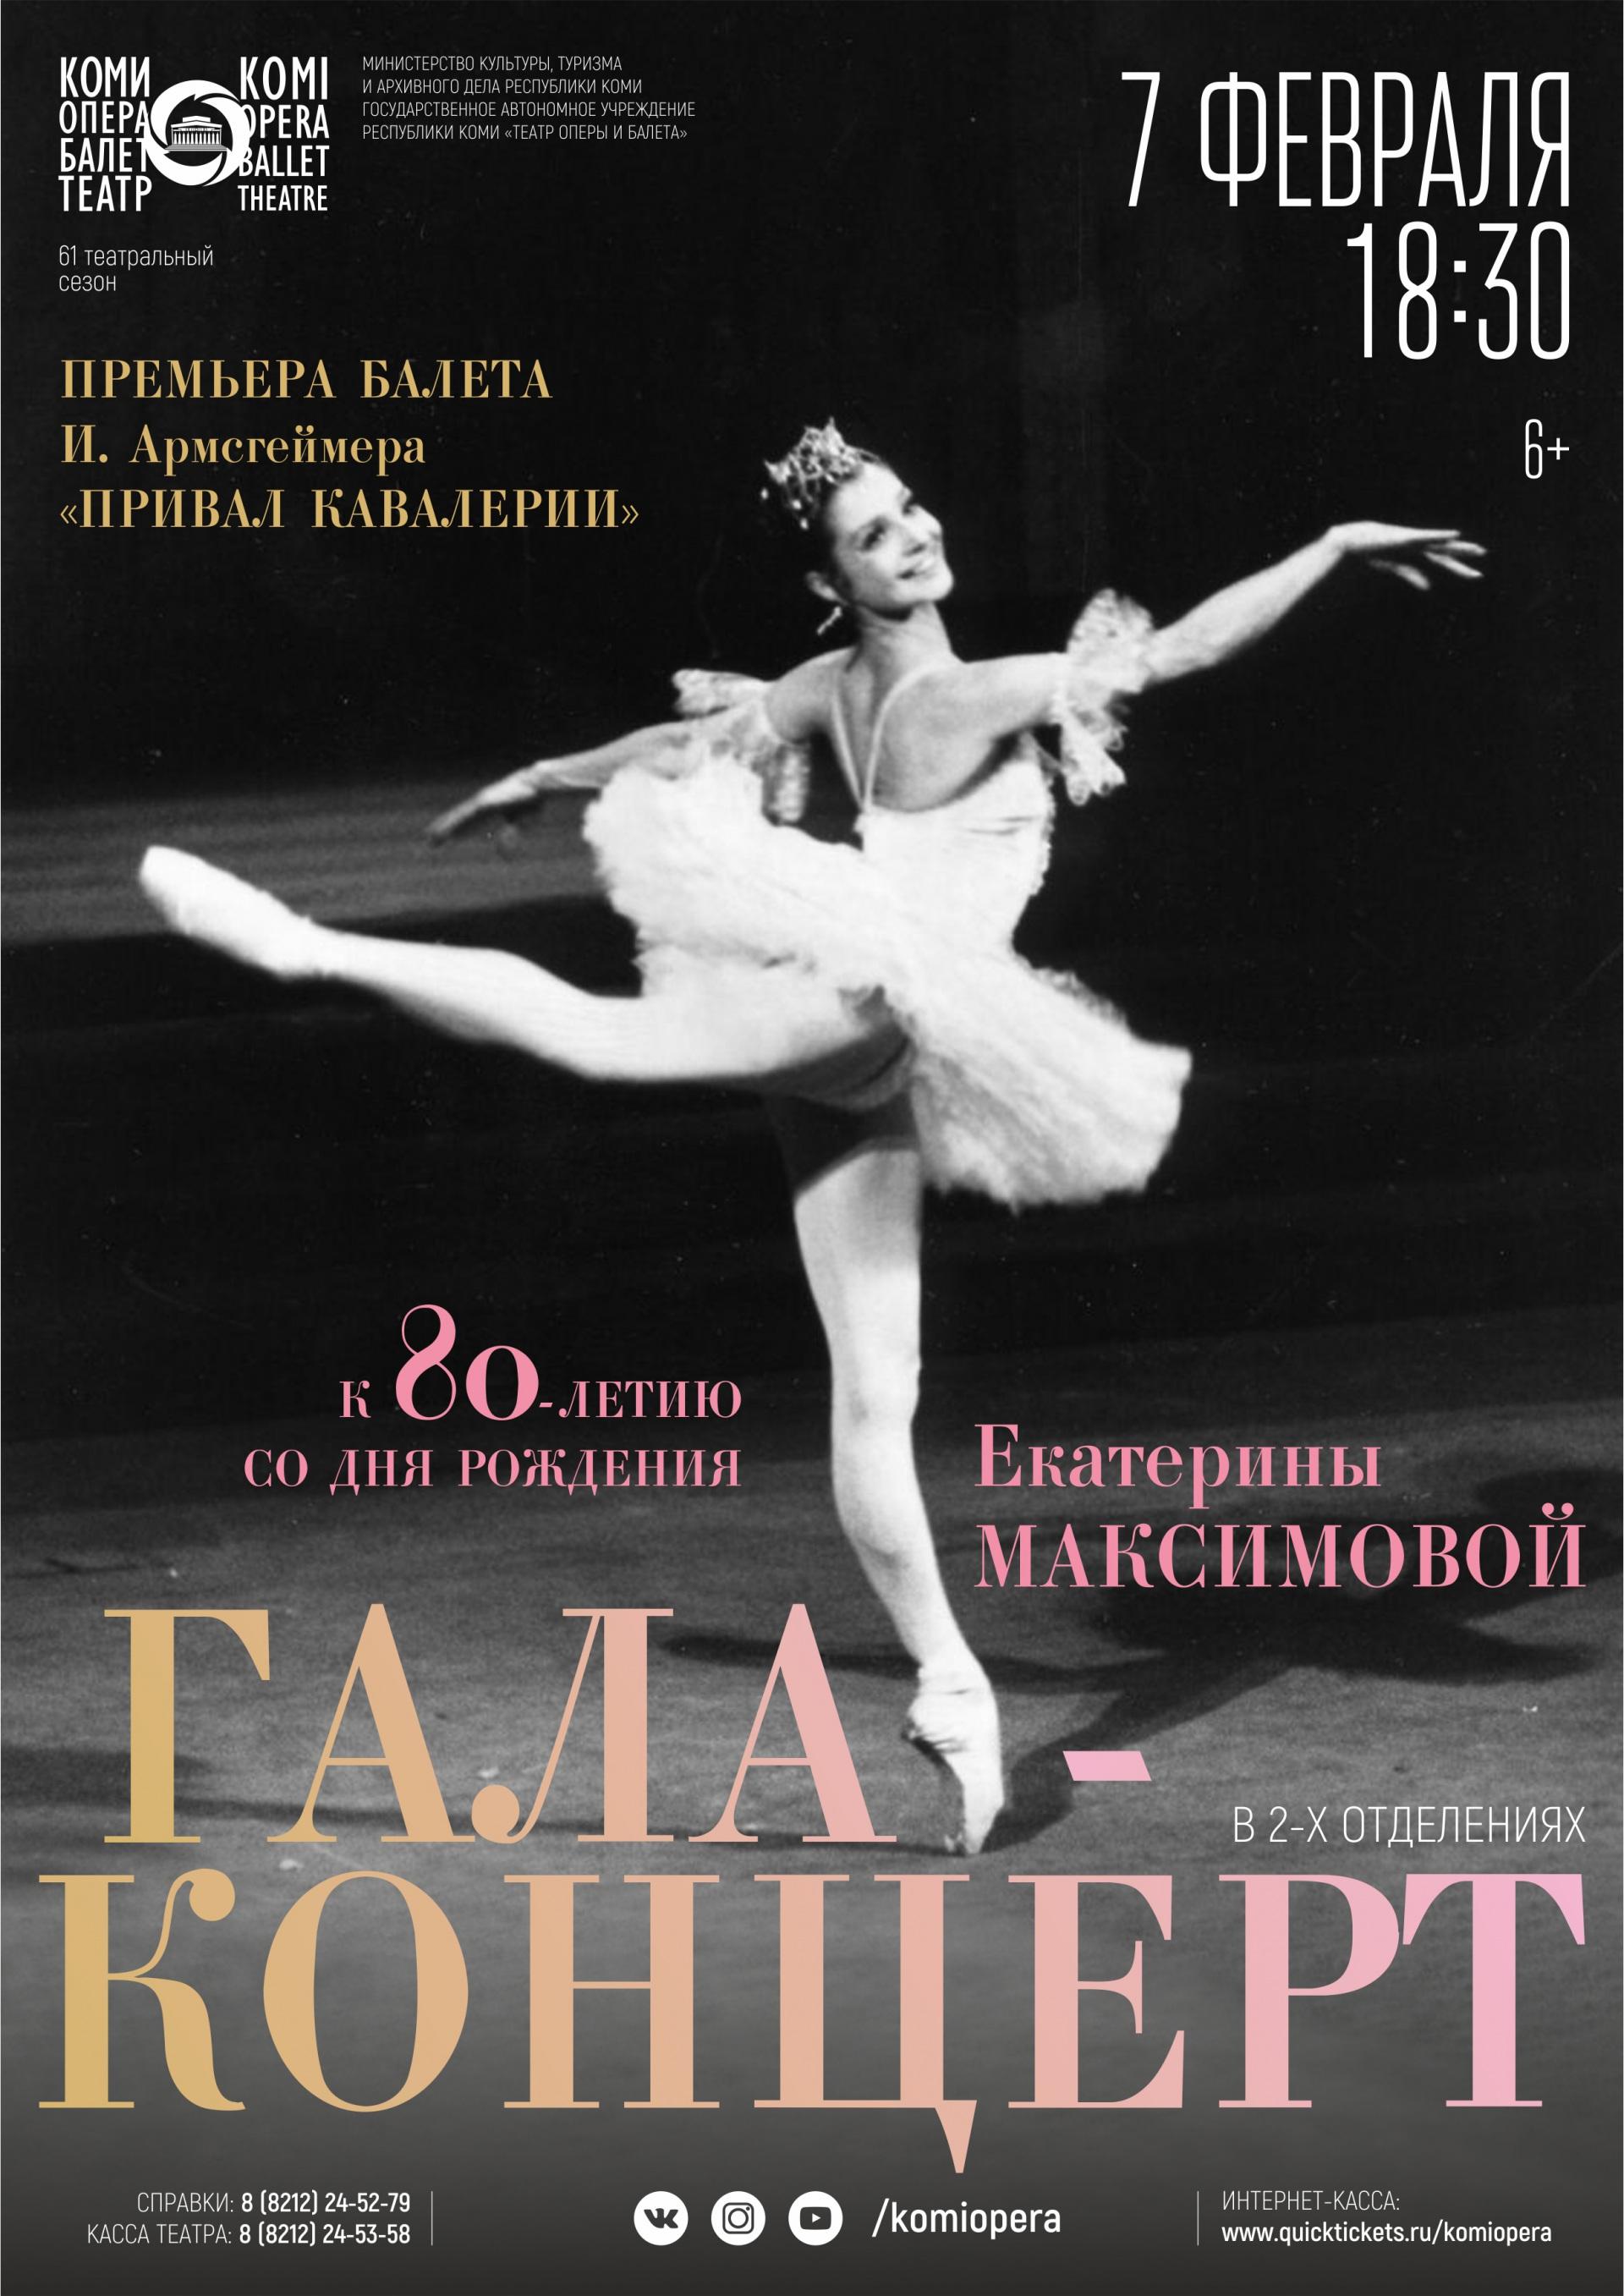 Gala-balet.jpg